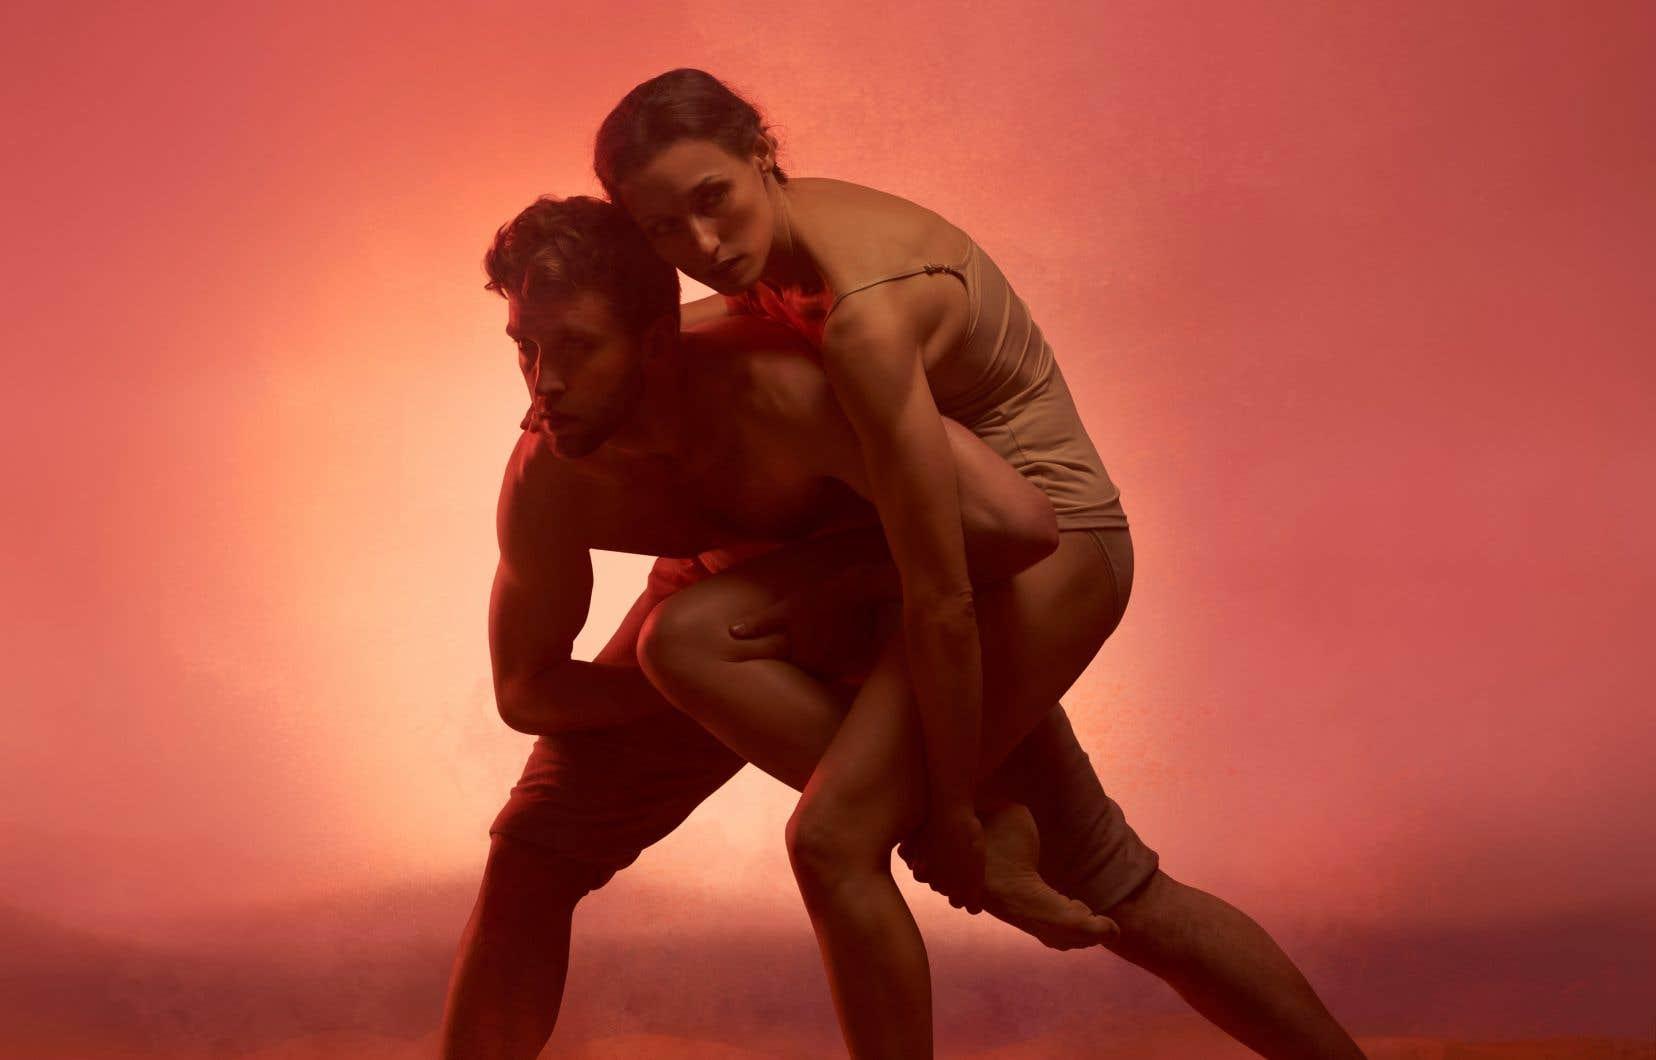 Alisia Pobega et Brett Andrew Taylor dans une scène de <em>Rose of Jericho</em>, chorégraphiée par Andrew Skeels. Si on pense seulement aux danseurs, leur démarche artistique a été complètement chamboulée depuis le début de la pandémie.